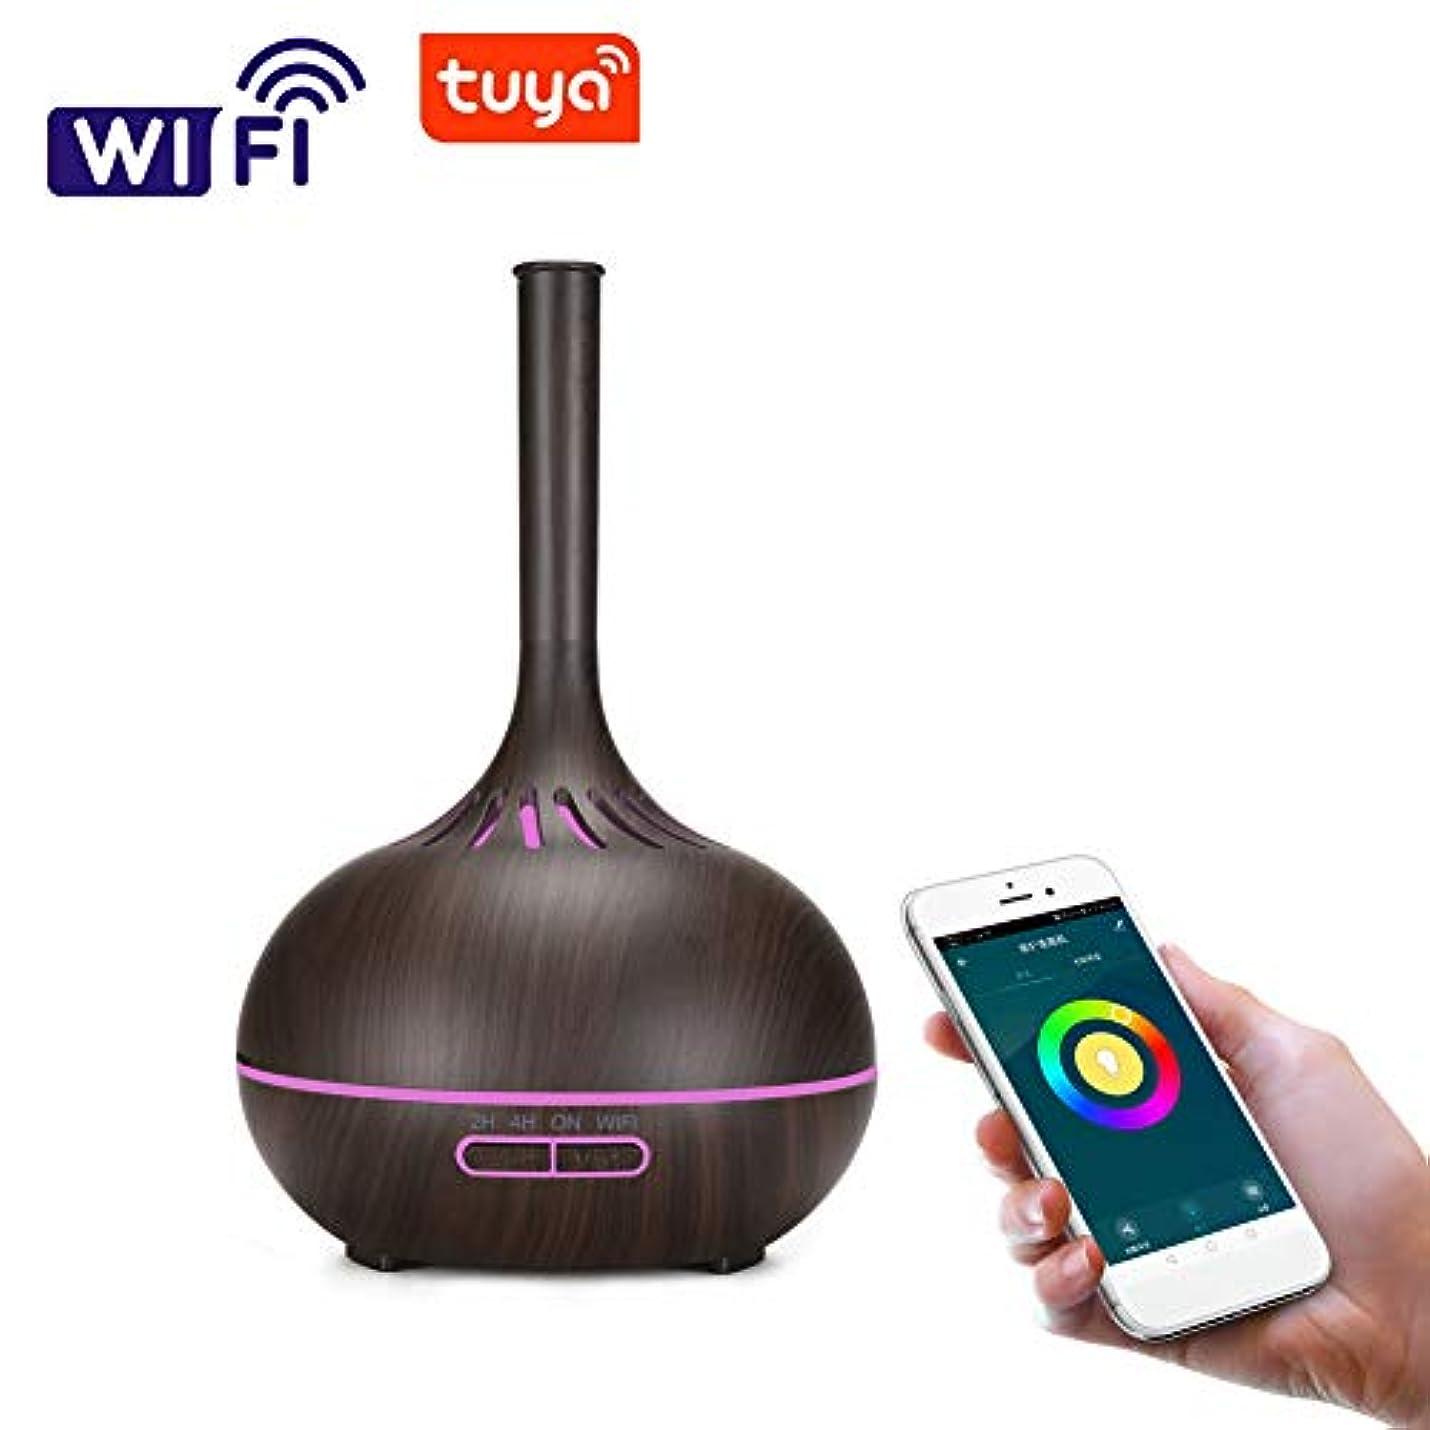 田舎満員代理店木目 涼しい霧 超音波式 加湿器,wifi 7 色 香り 精油 ディフューザー 調整可能 空気加湿器 アロマネブライザー ホーム Yoga オフィス- 400ml